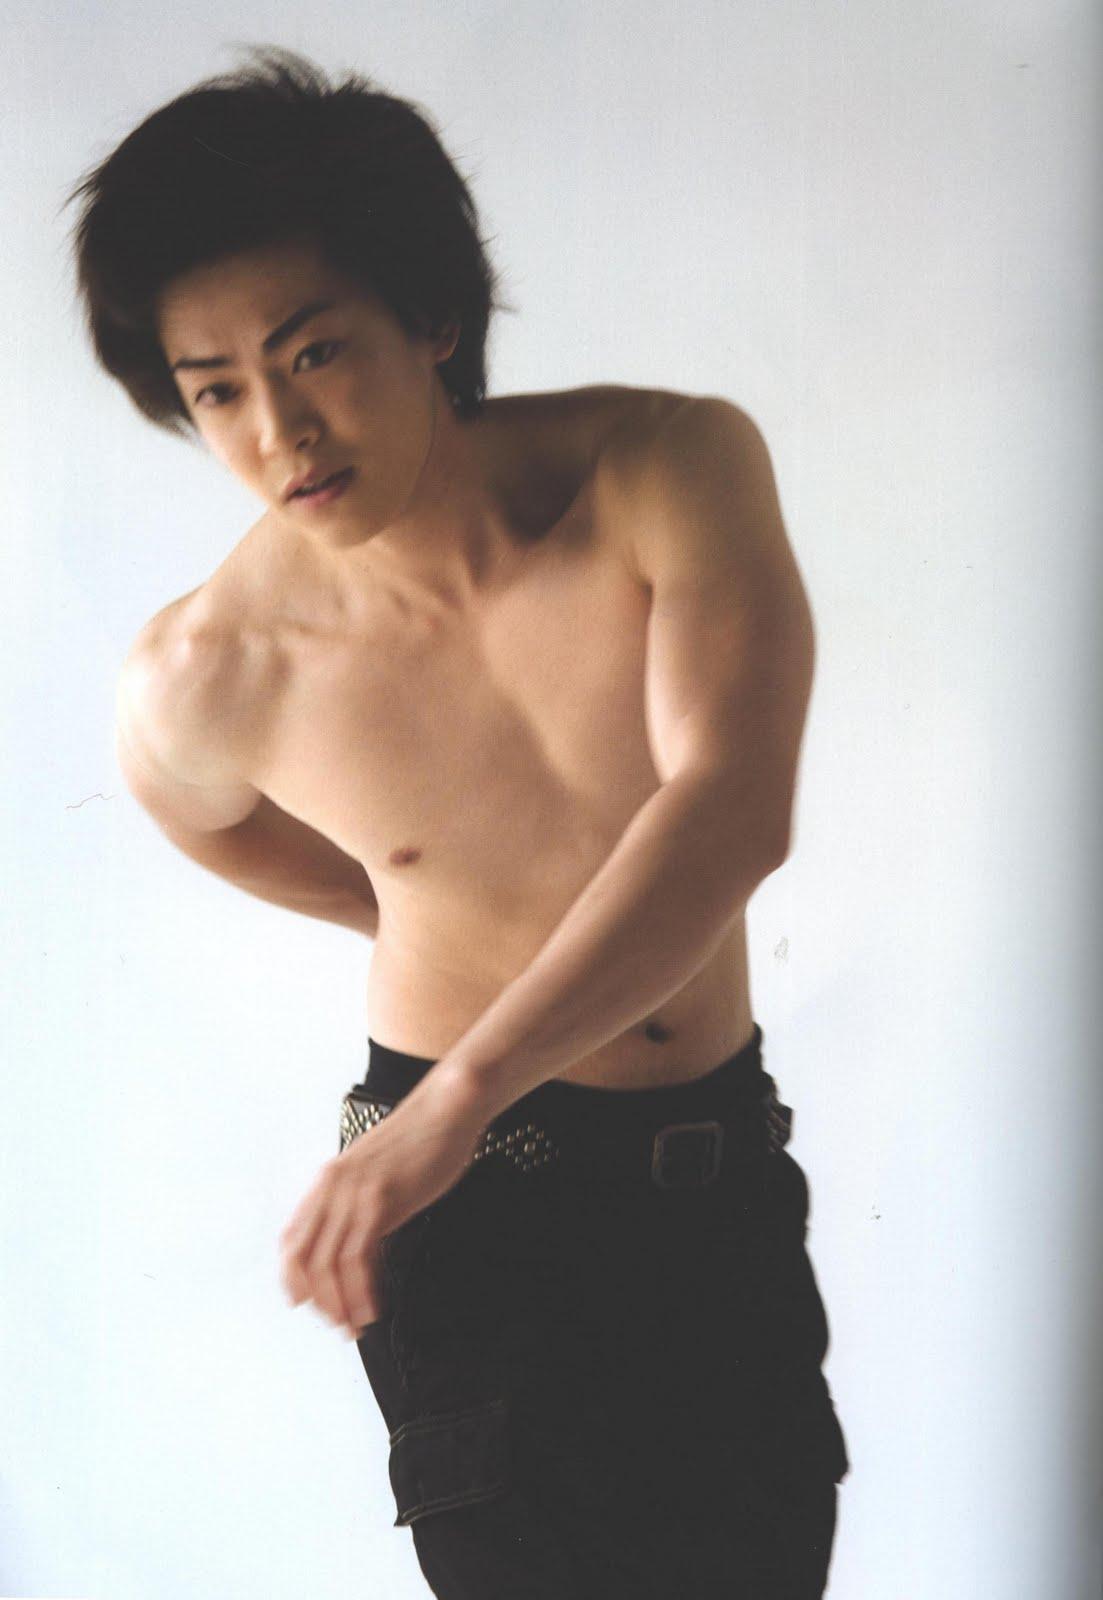 Daito Shunsuke 093